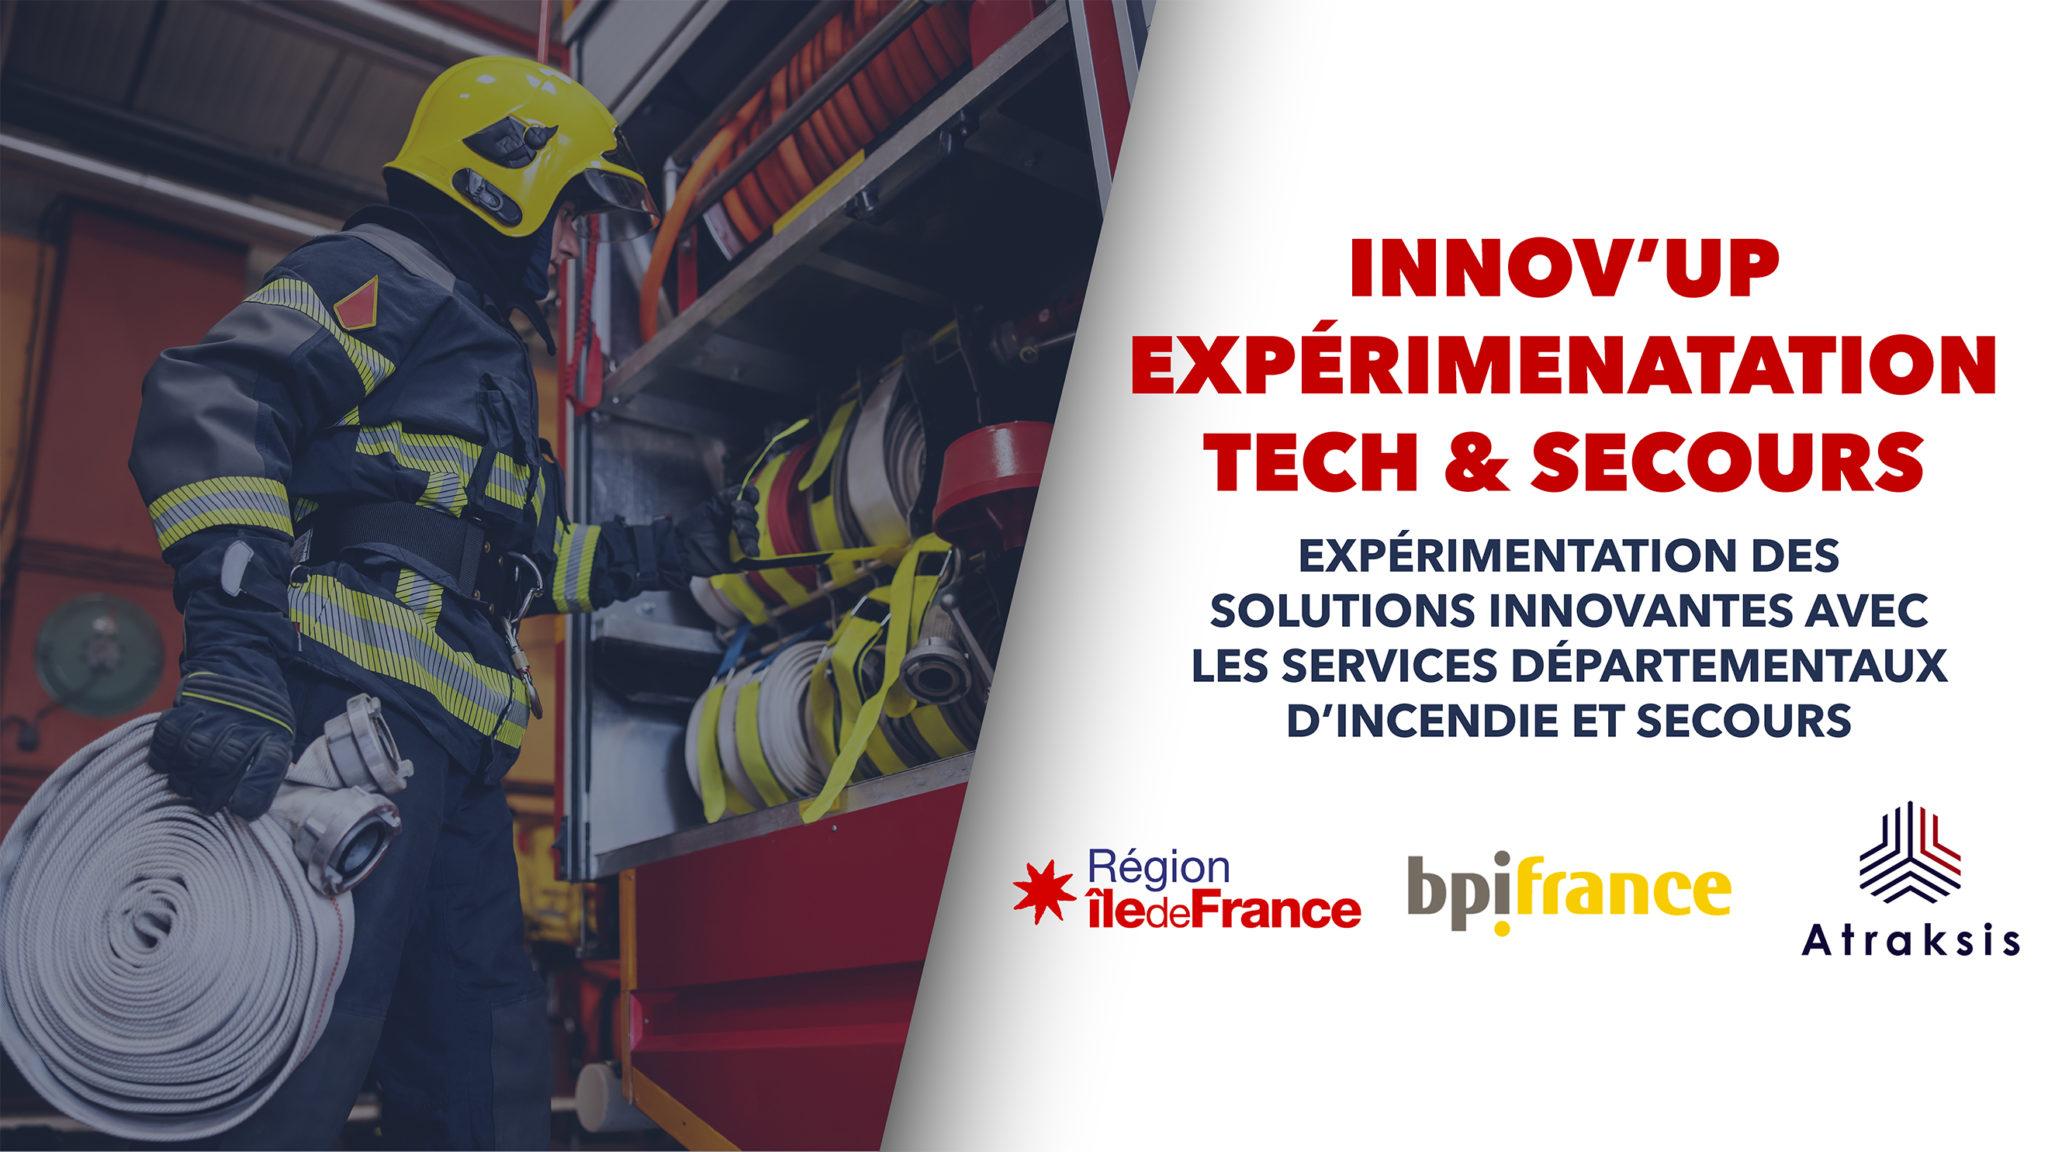 Innov'up Expérimentation Tech & Secours 1